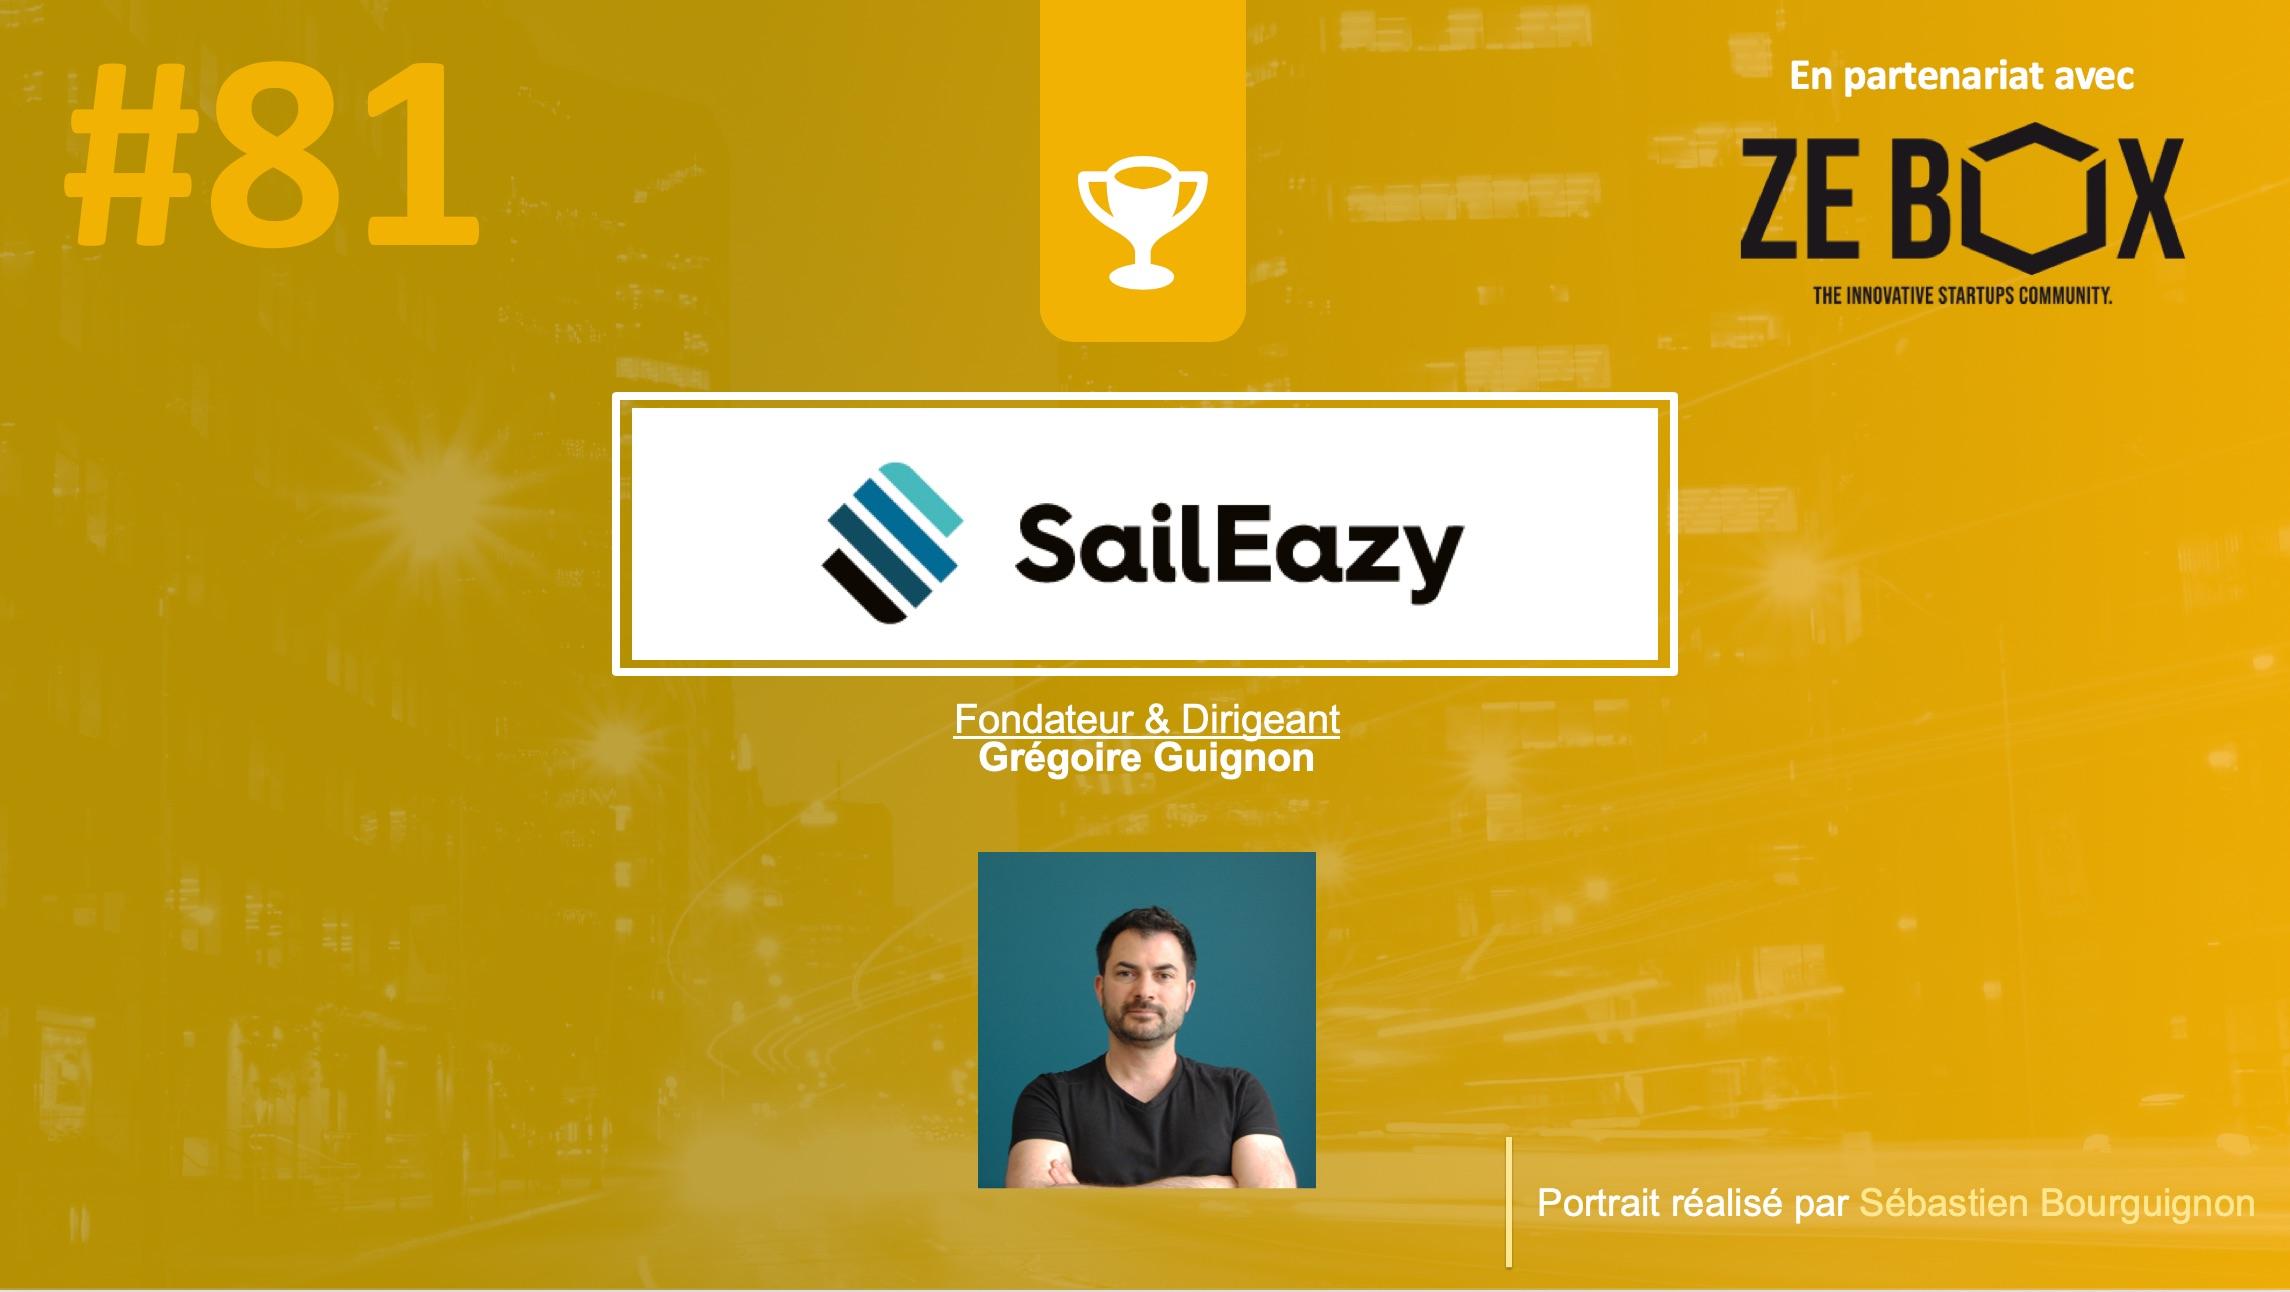 saileazy